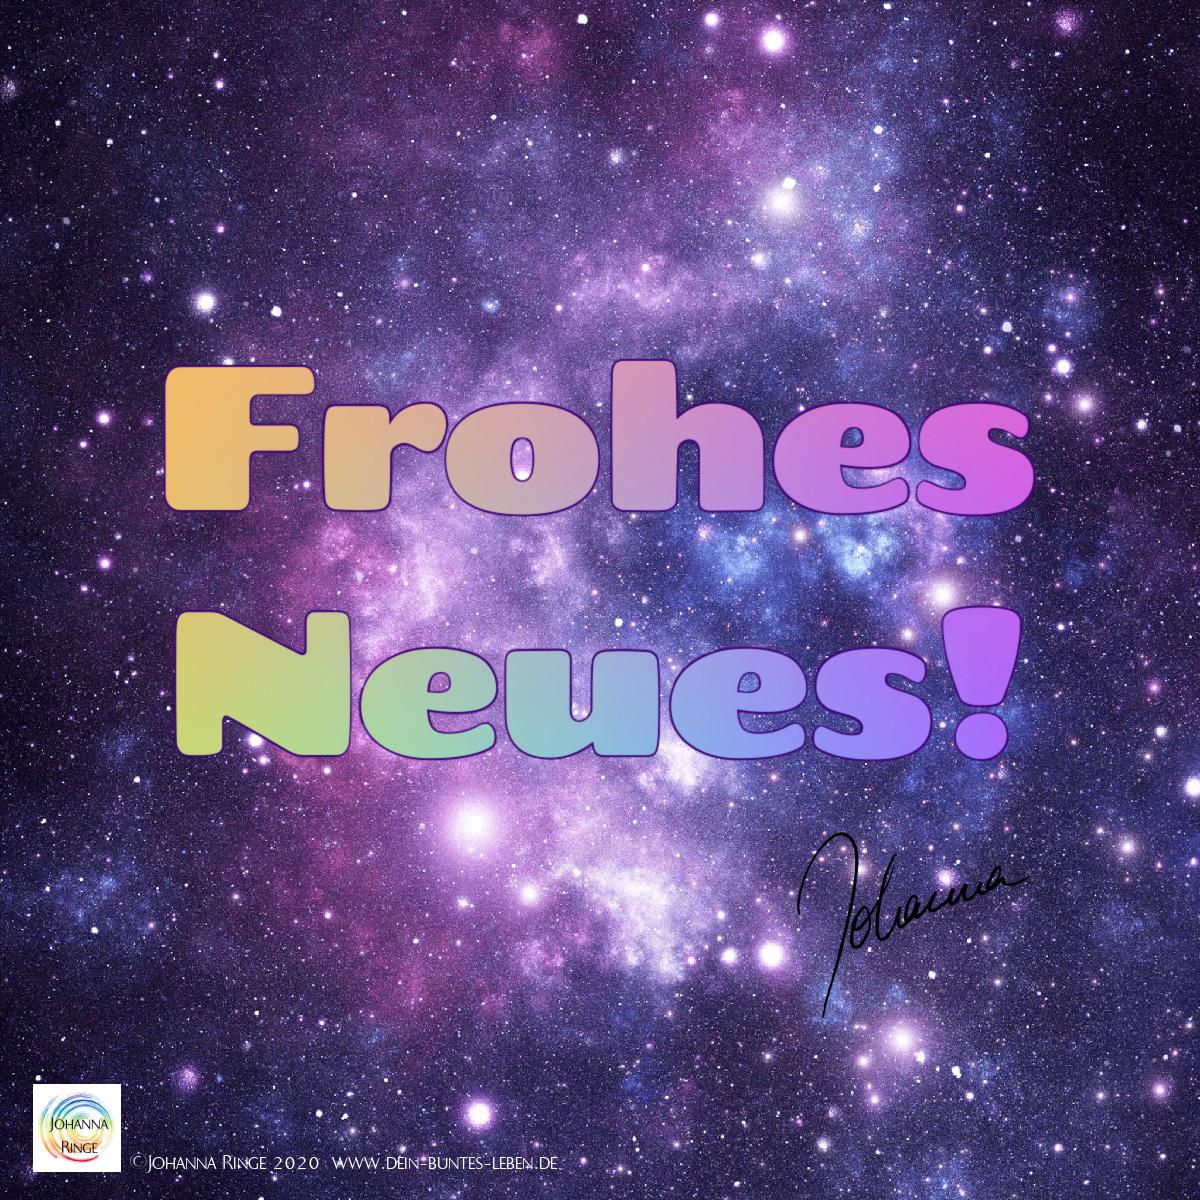 Frohes Neues Jahr 2021 wünscht ©Johanna Ringe 2020 www.dein-buntes-leben.de